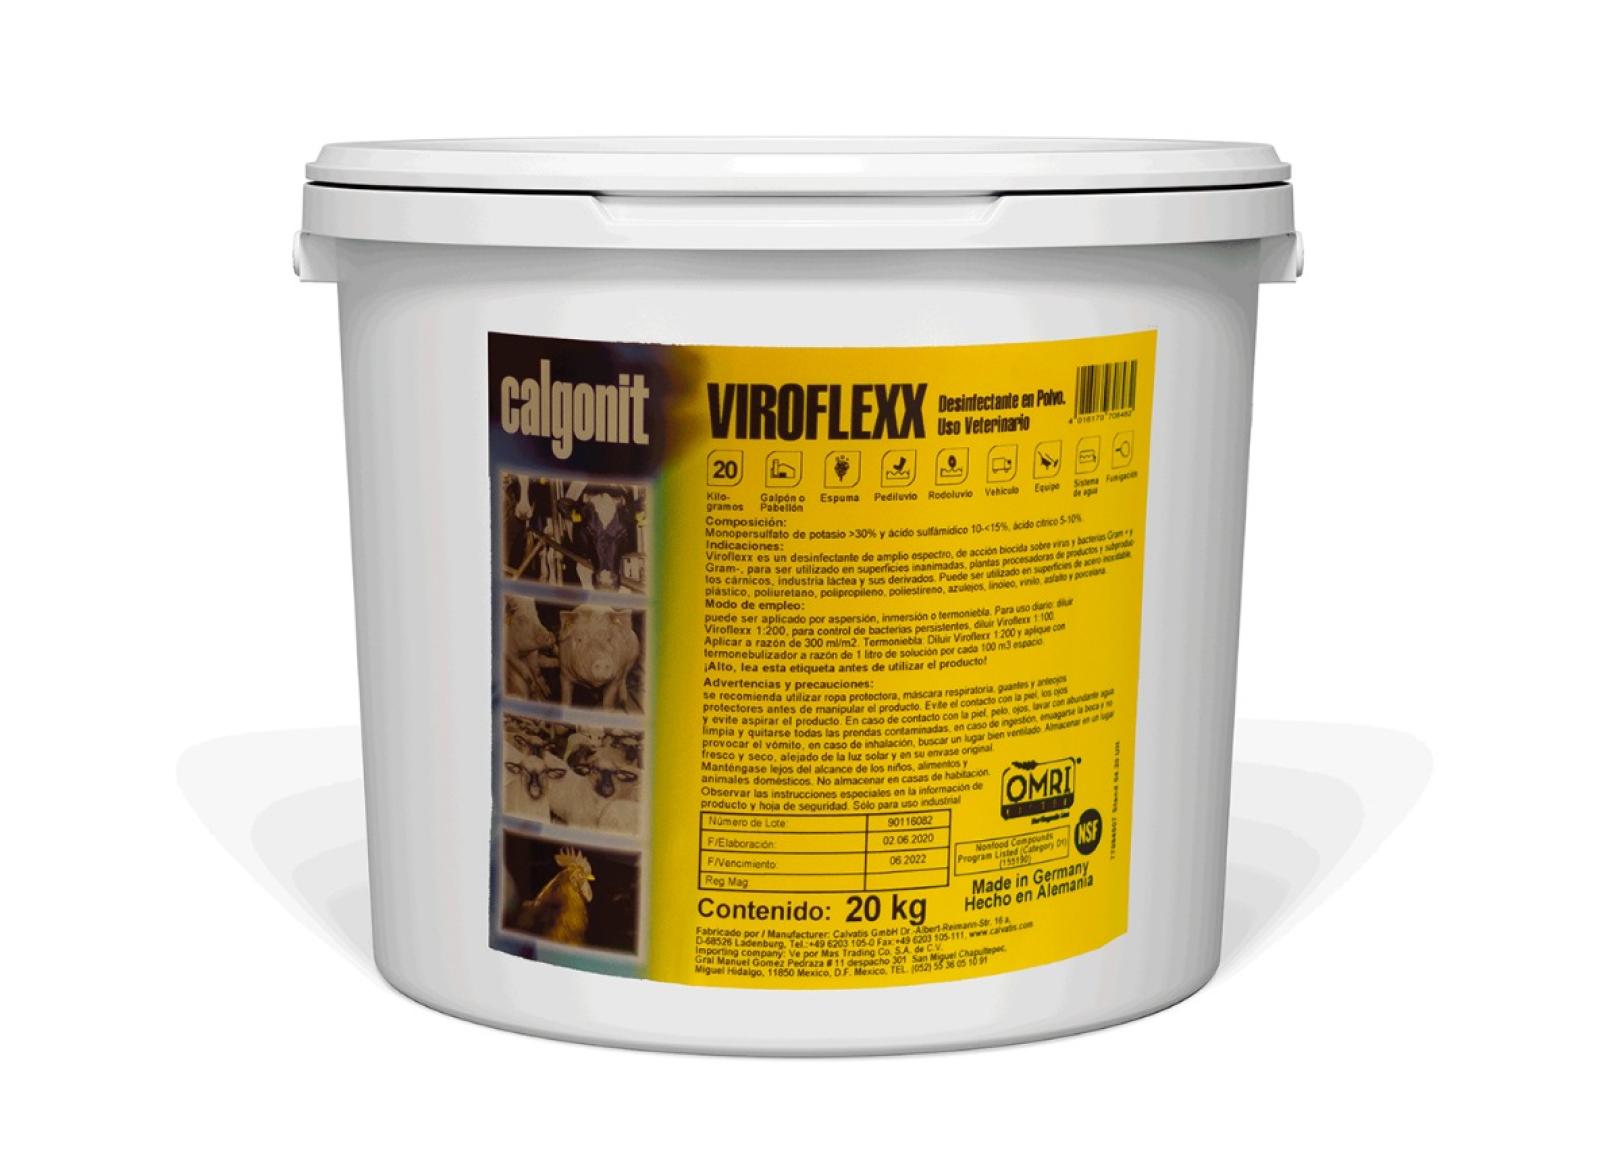 VIROFLEXX 20 Kg